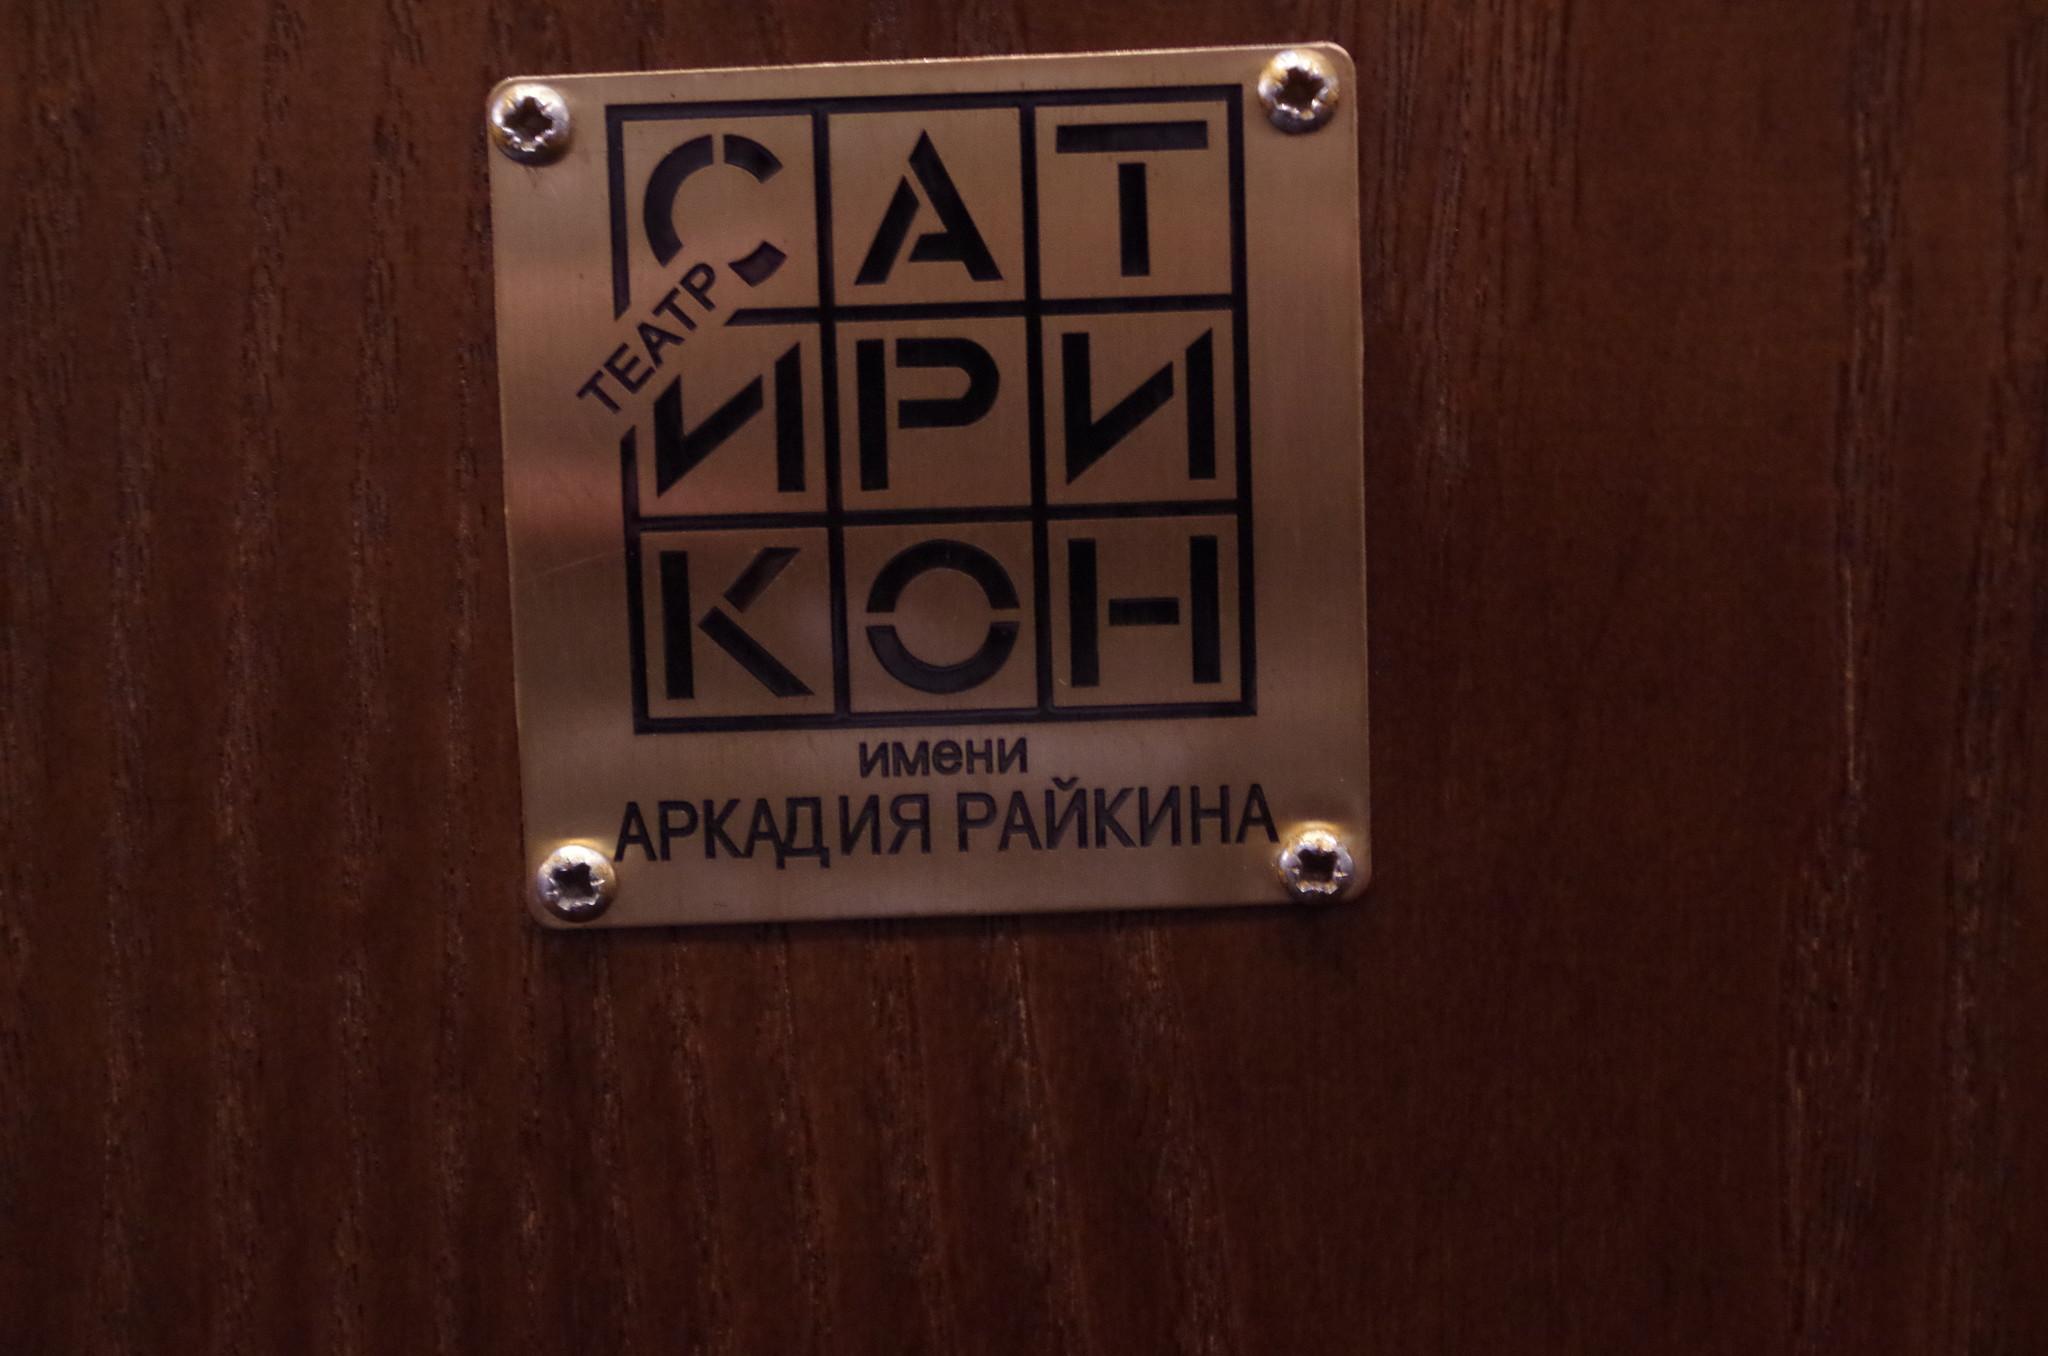 Российский Государственный Театр «Сатирикон» имени Аркадия Райкина